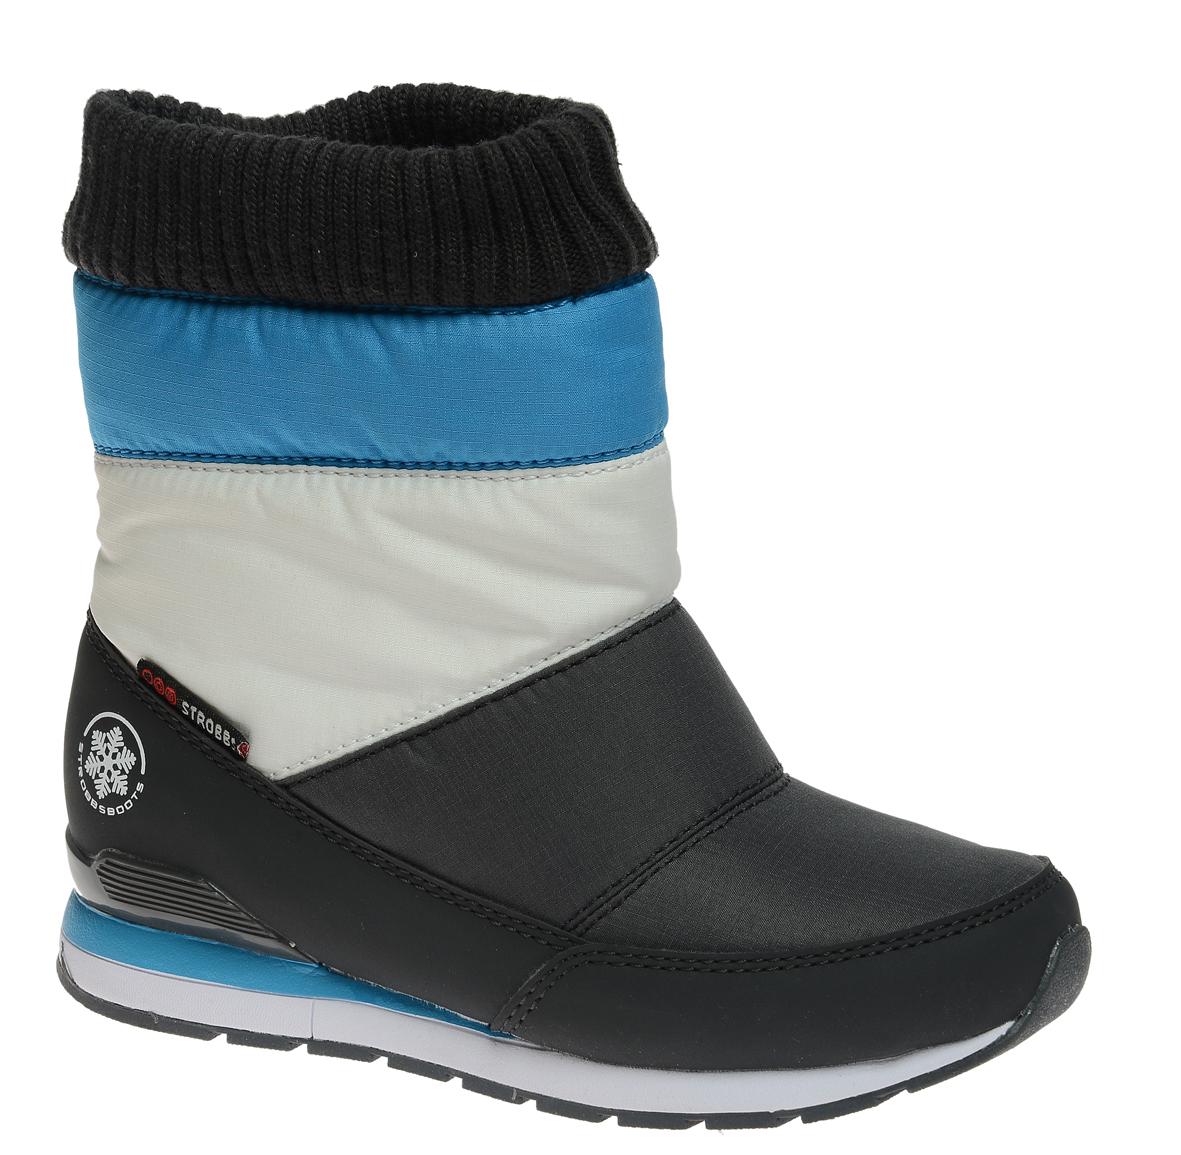 N1838-1Удобные детские дутики Strobbs - отличный вариант для повседневной носки. Модель выполнена из полиэстера с пропиткой и синтетической кожи. Сверху голенище дополнено трикотажной манжетой, которая обеспечивает комфортную посадку модели на ноге. Подкладка из искусственной шерсти не даст ногам замерзнуть. Подошва обеспечит легкость и естественную свободу движений. Модель маломерит на 1 размер